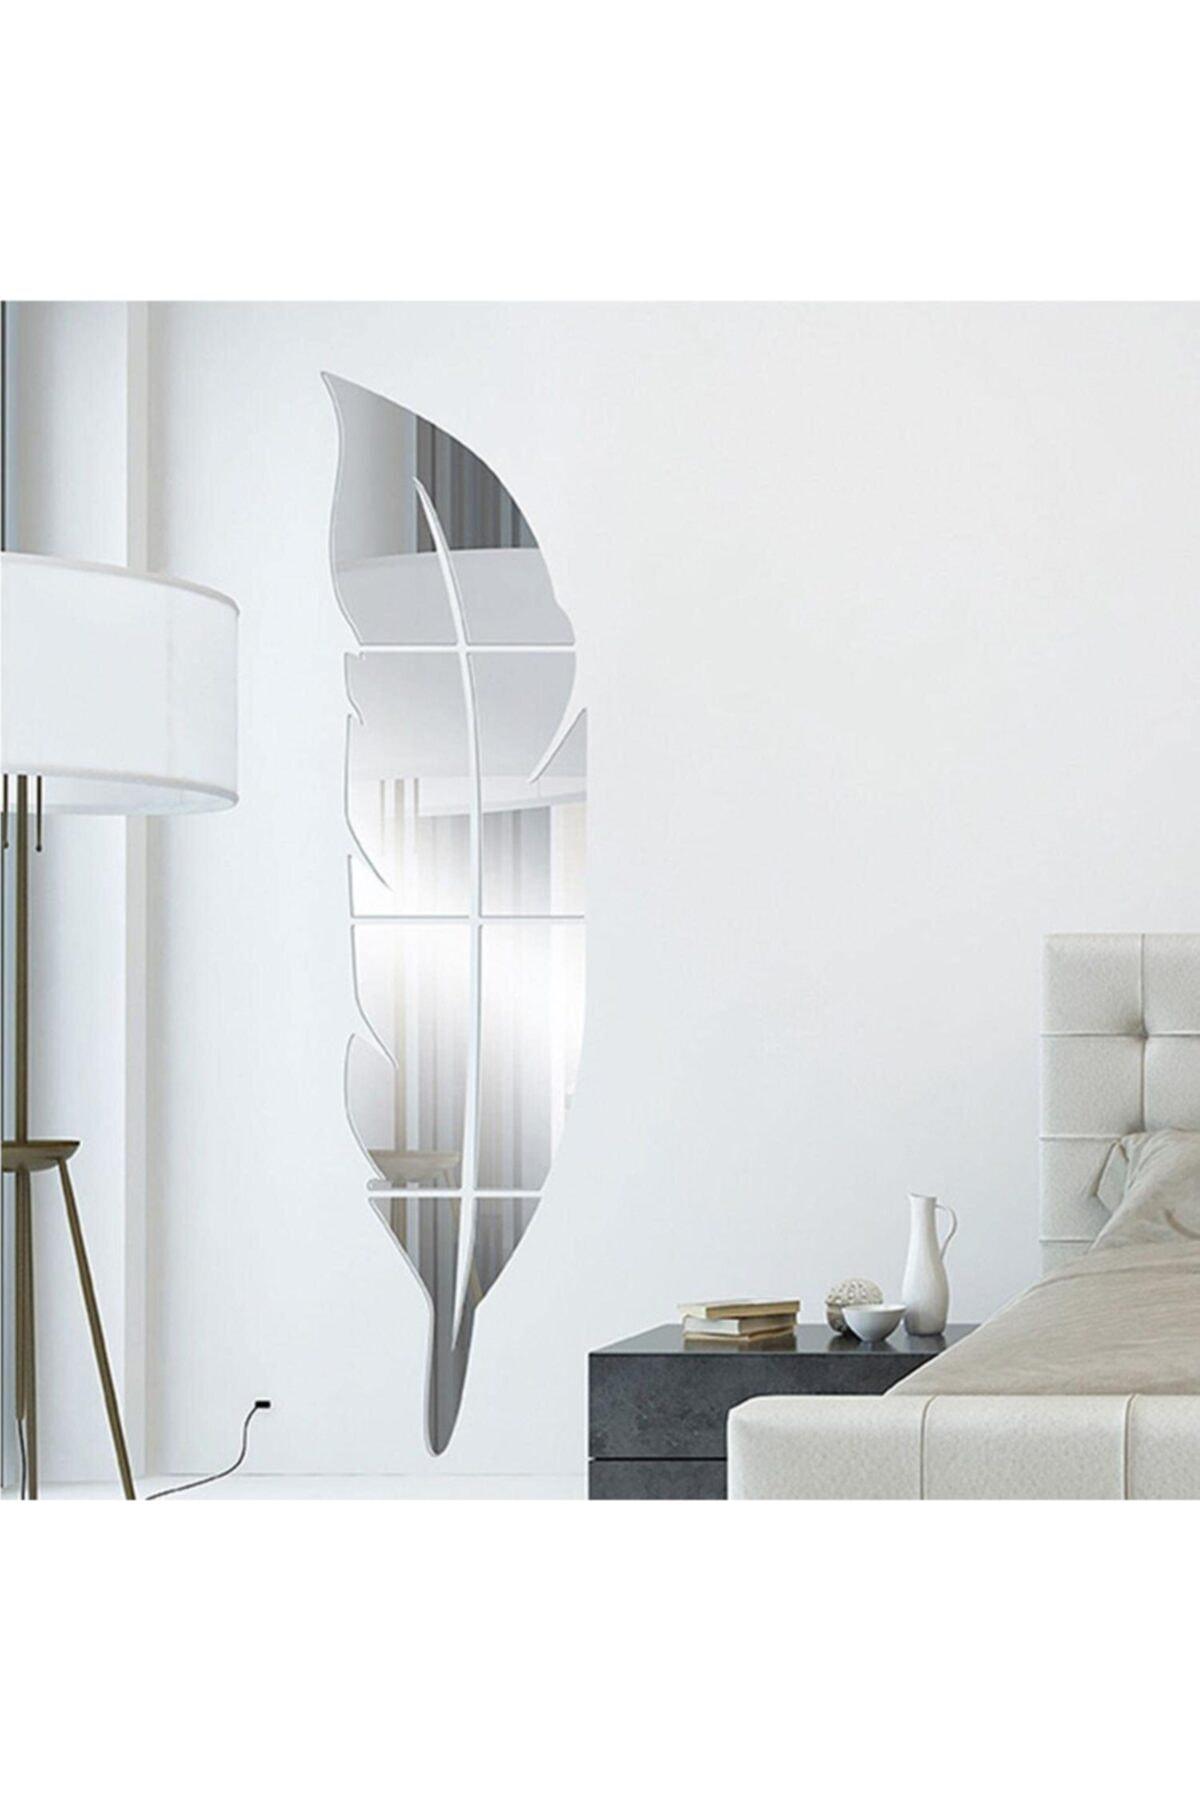 Dekoronto Dekoratif Duvar Dekorasyon Tüy Desen Gümüş Ayna Pleksi 25 X 100 Cm 2